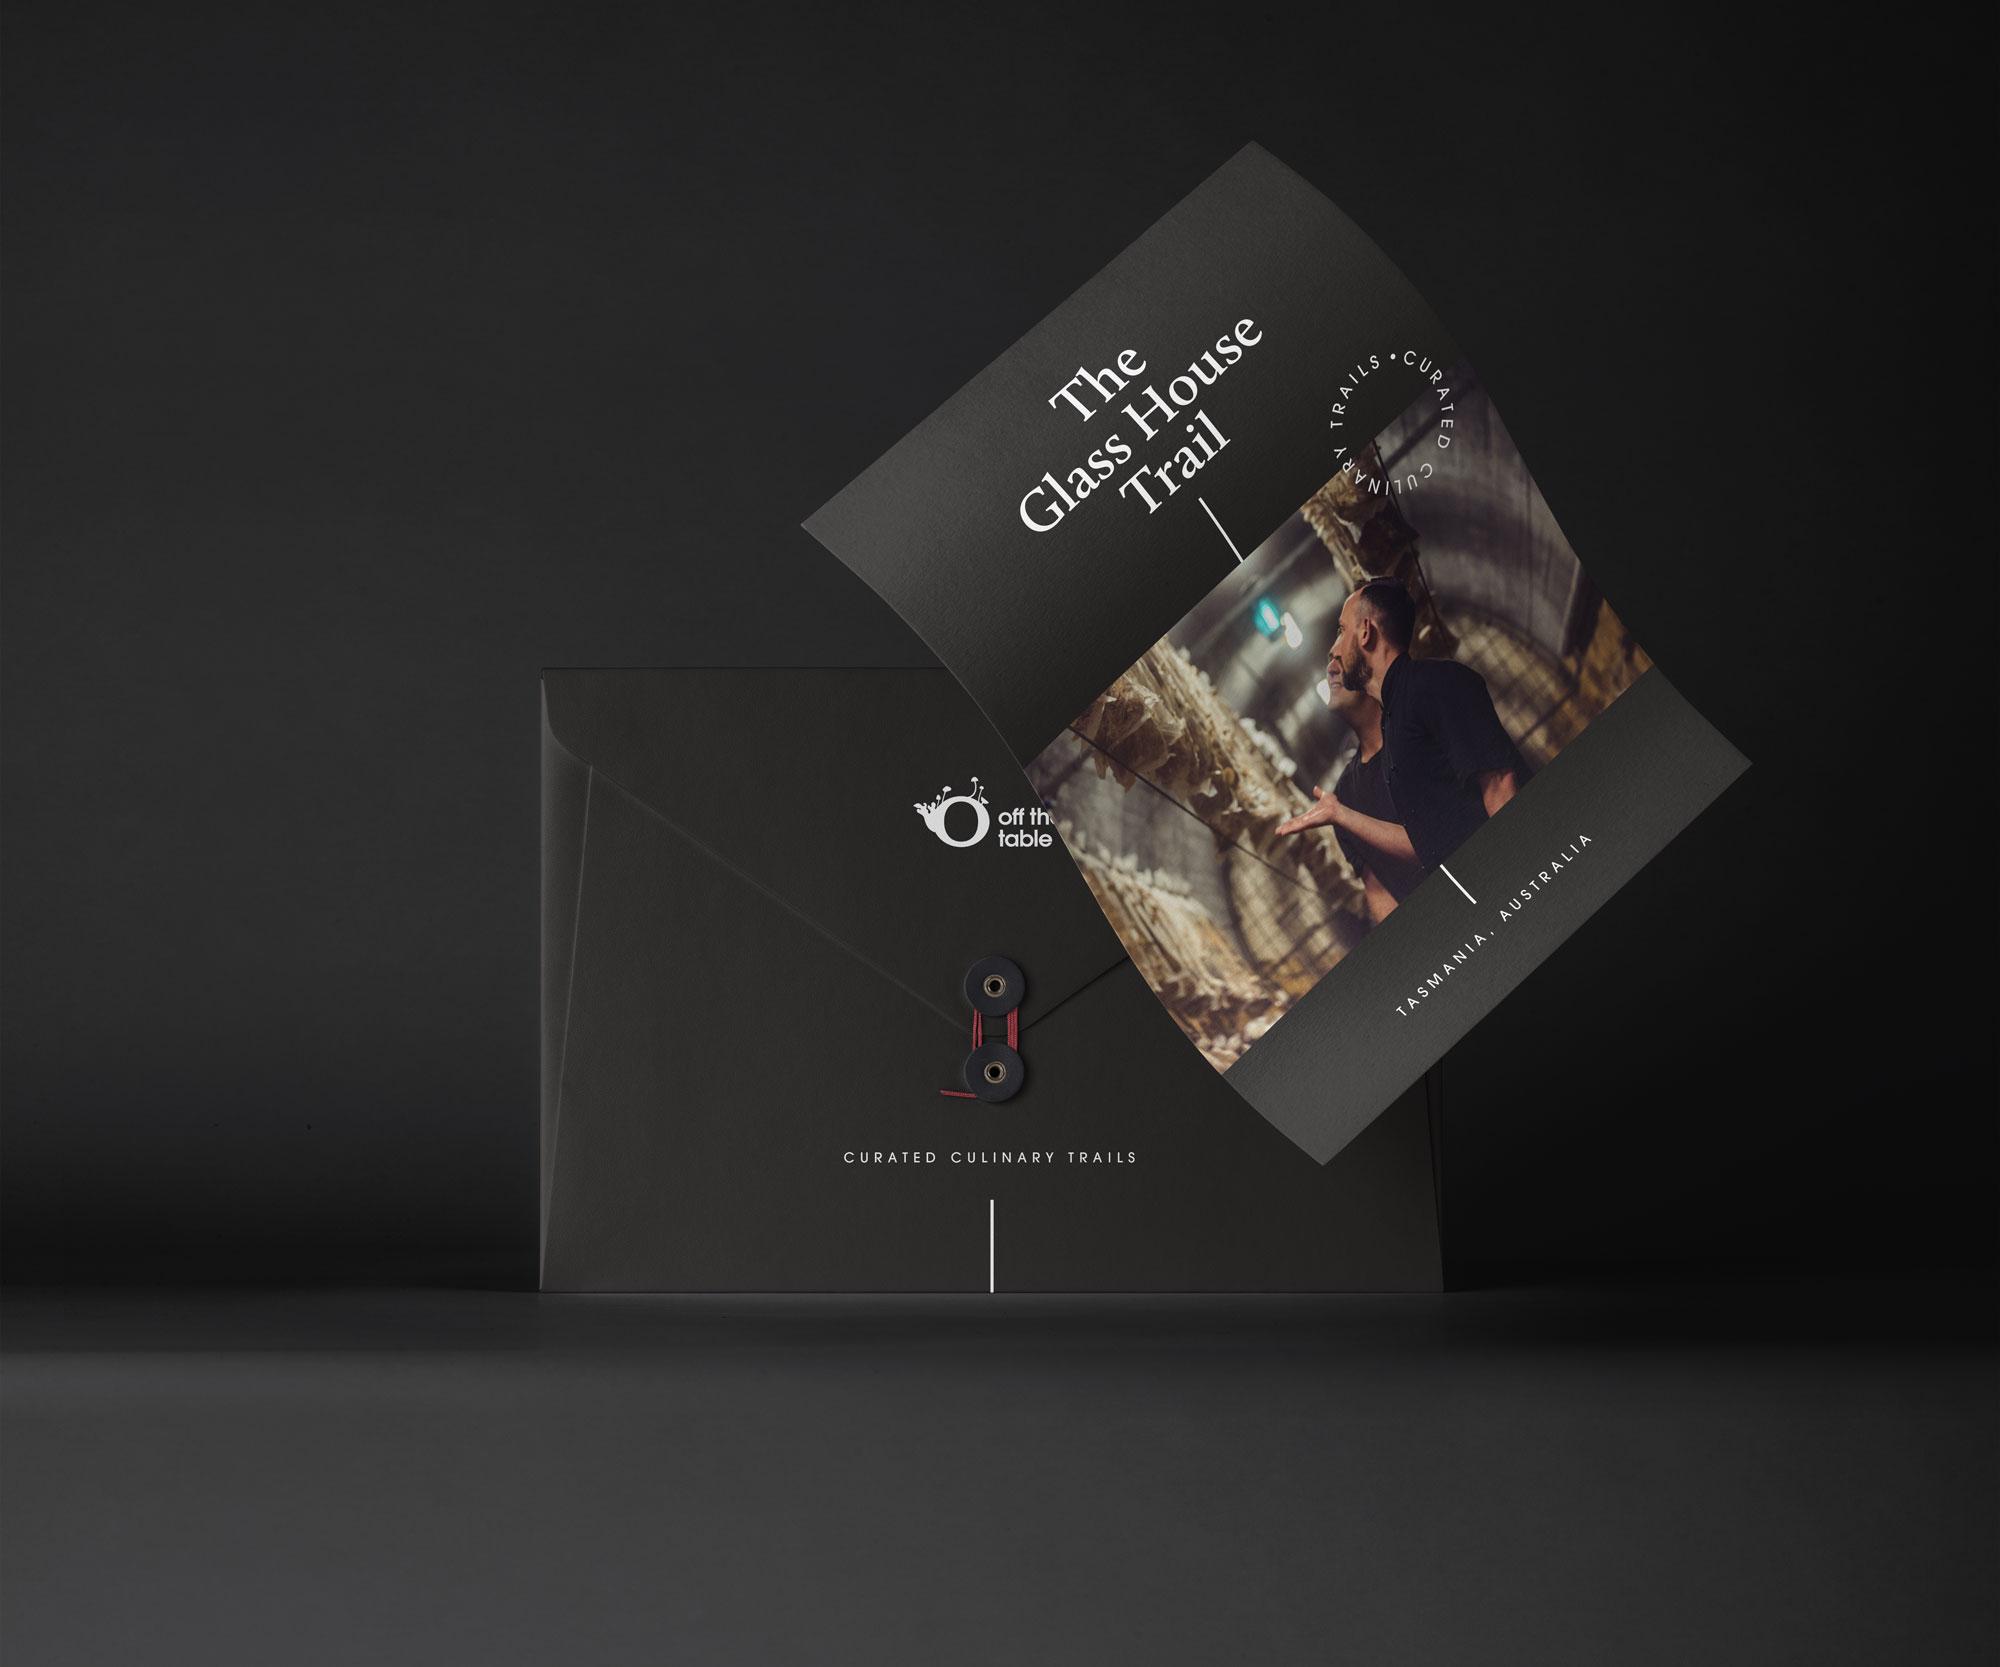 Basic-Envelope-Letter-Branding-Mockup